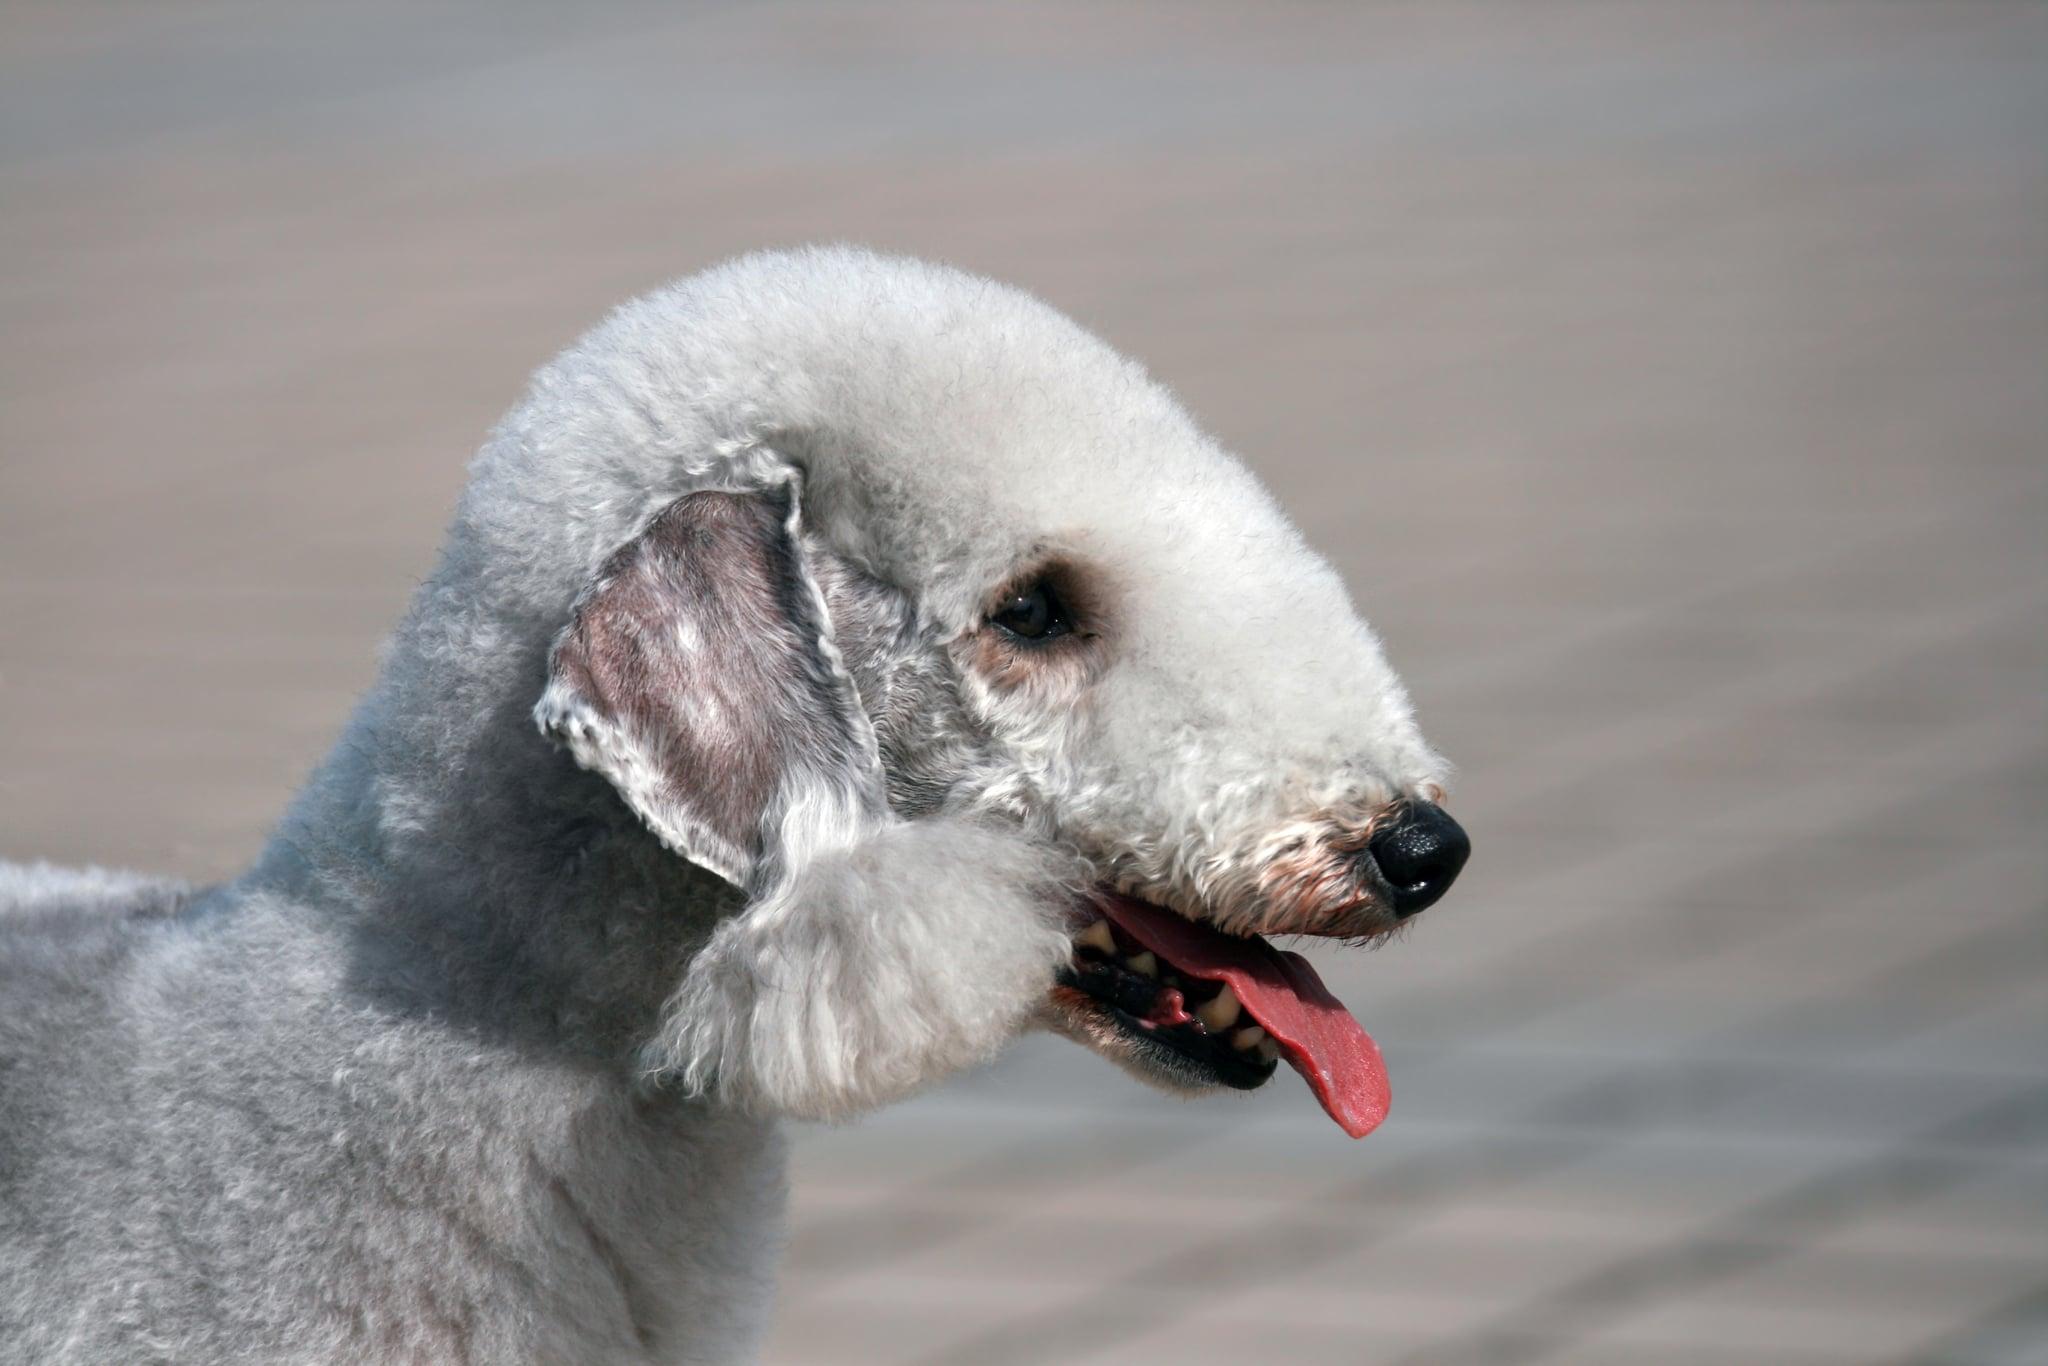 Filbert-Shaped Ears